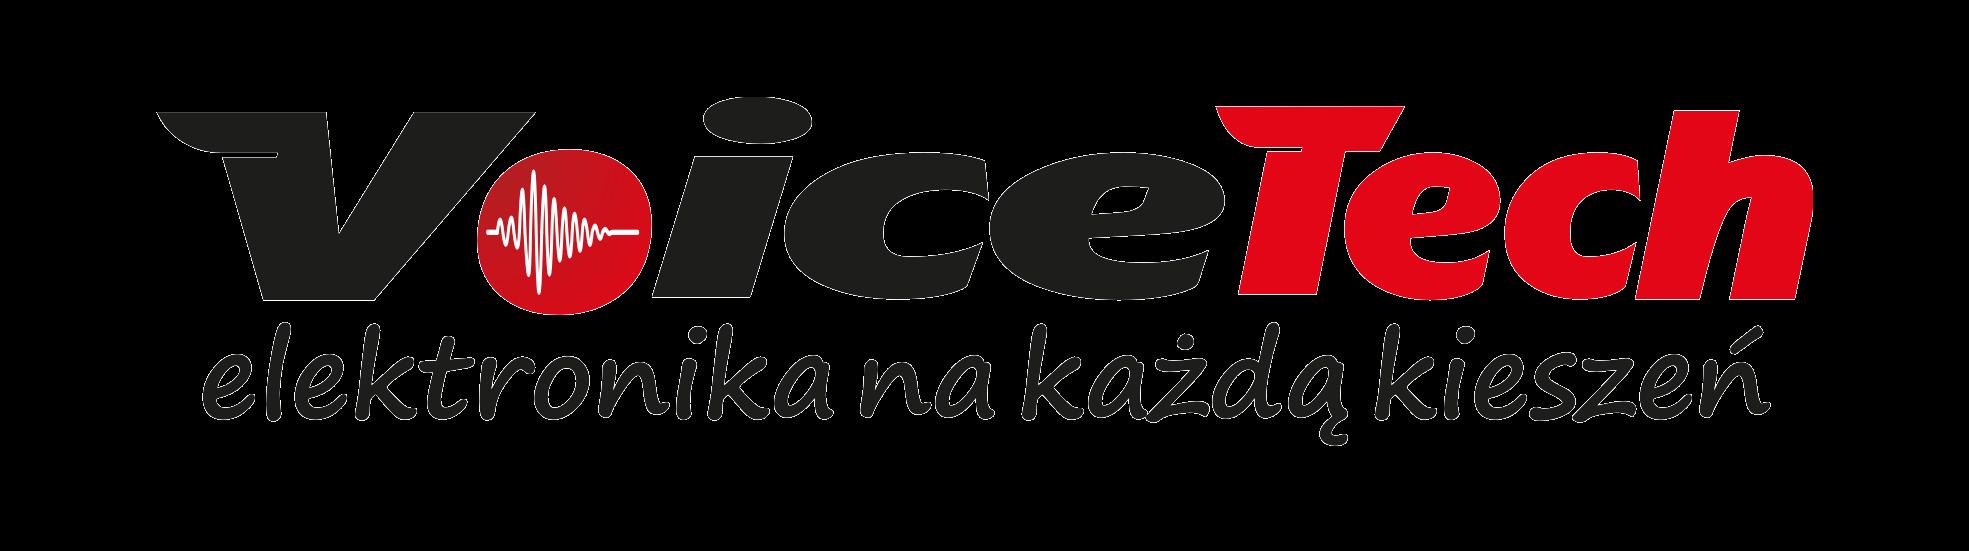 logo VoiceTech